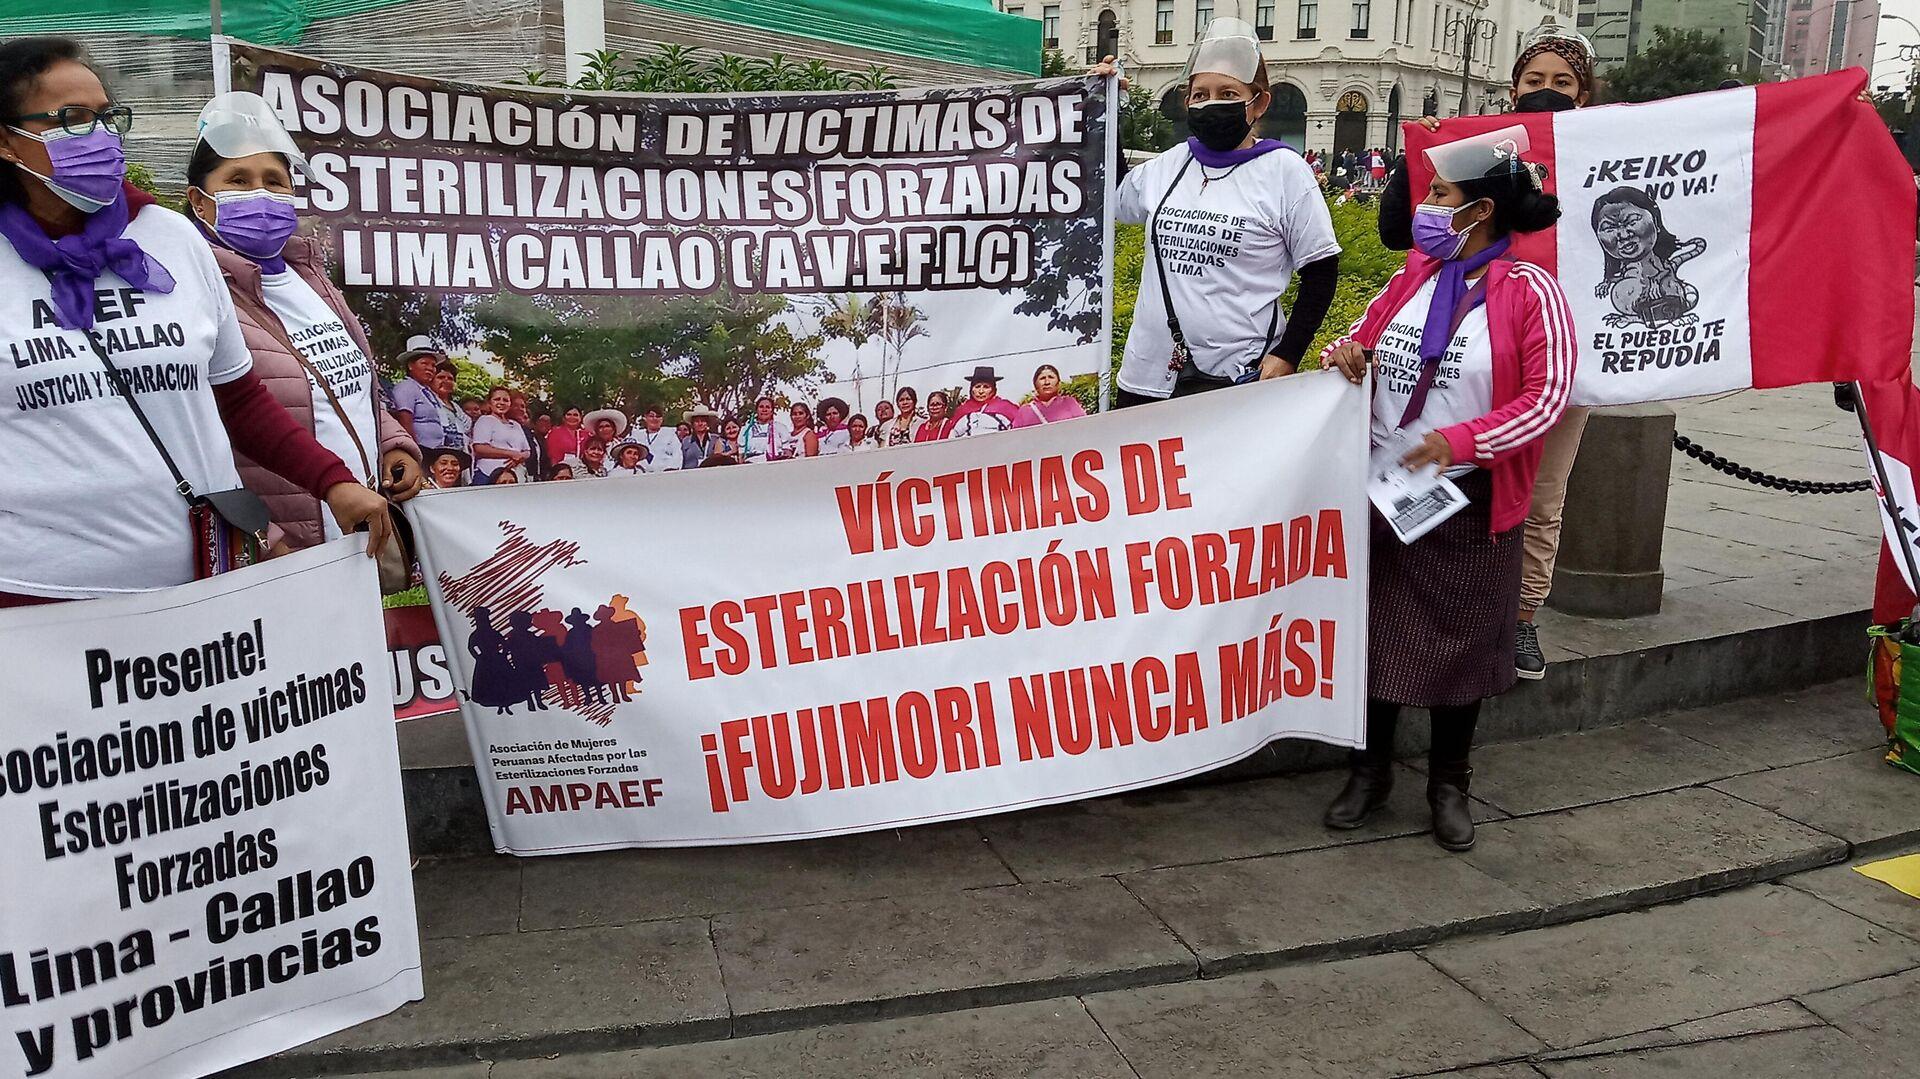 Víctimas de las esterilizaciones forzadas bajo el gobierno de Fujimori - Sputnik Mundo, 1920, 03.06.2021